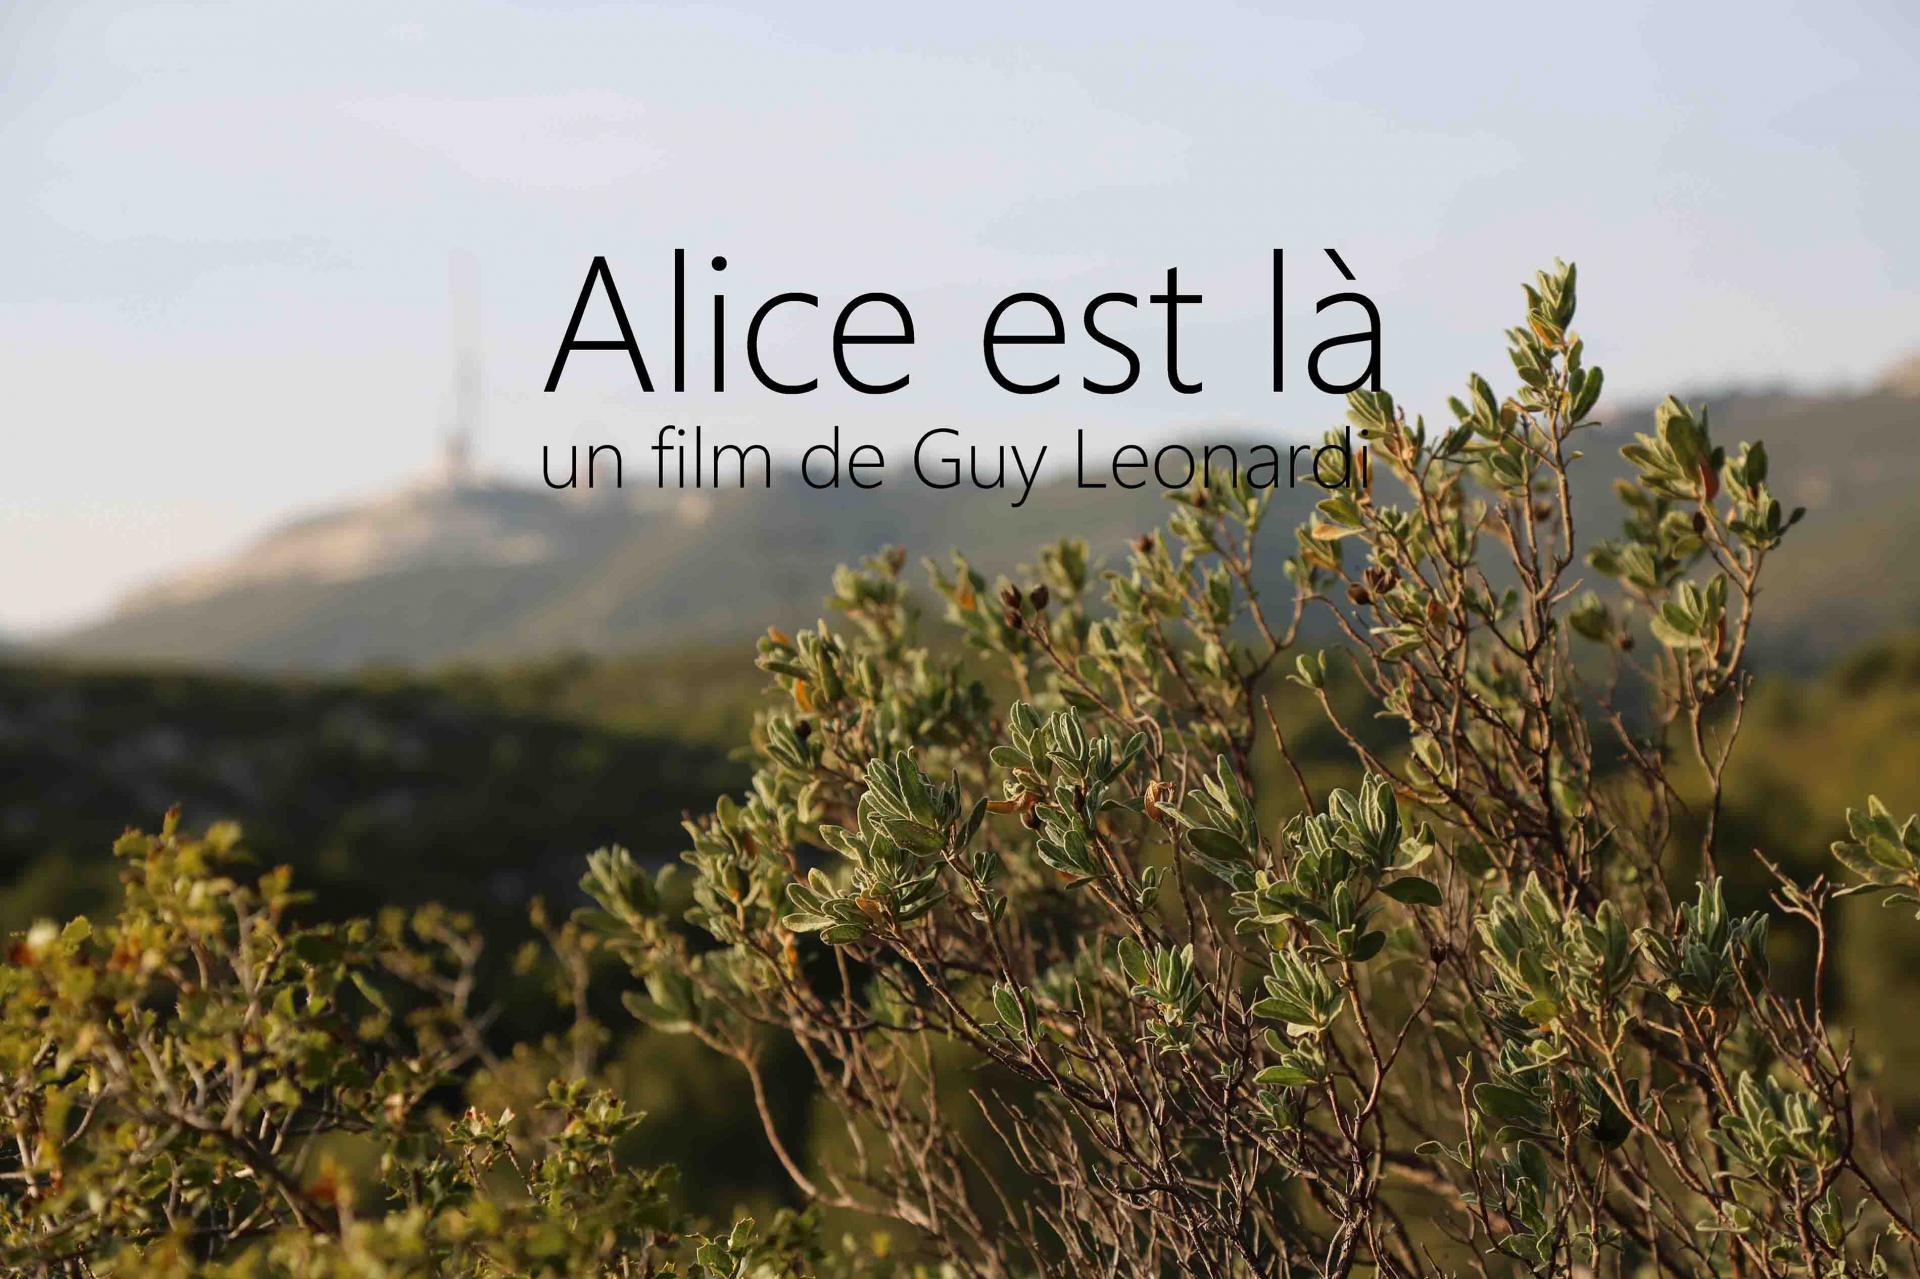 Alice est là